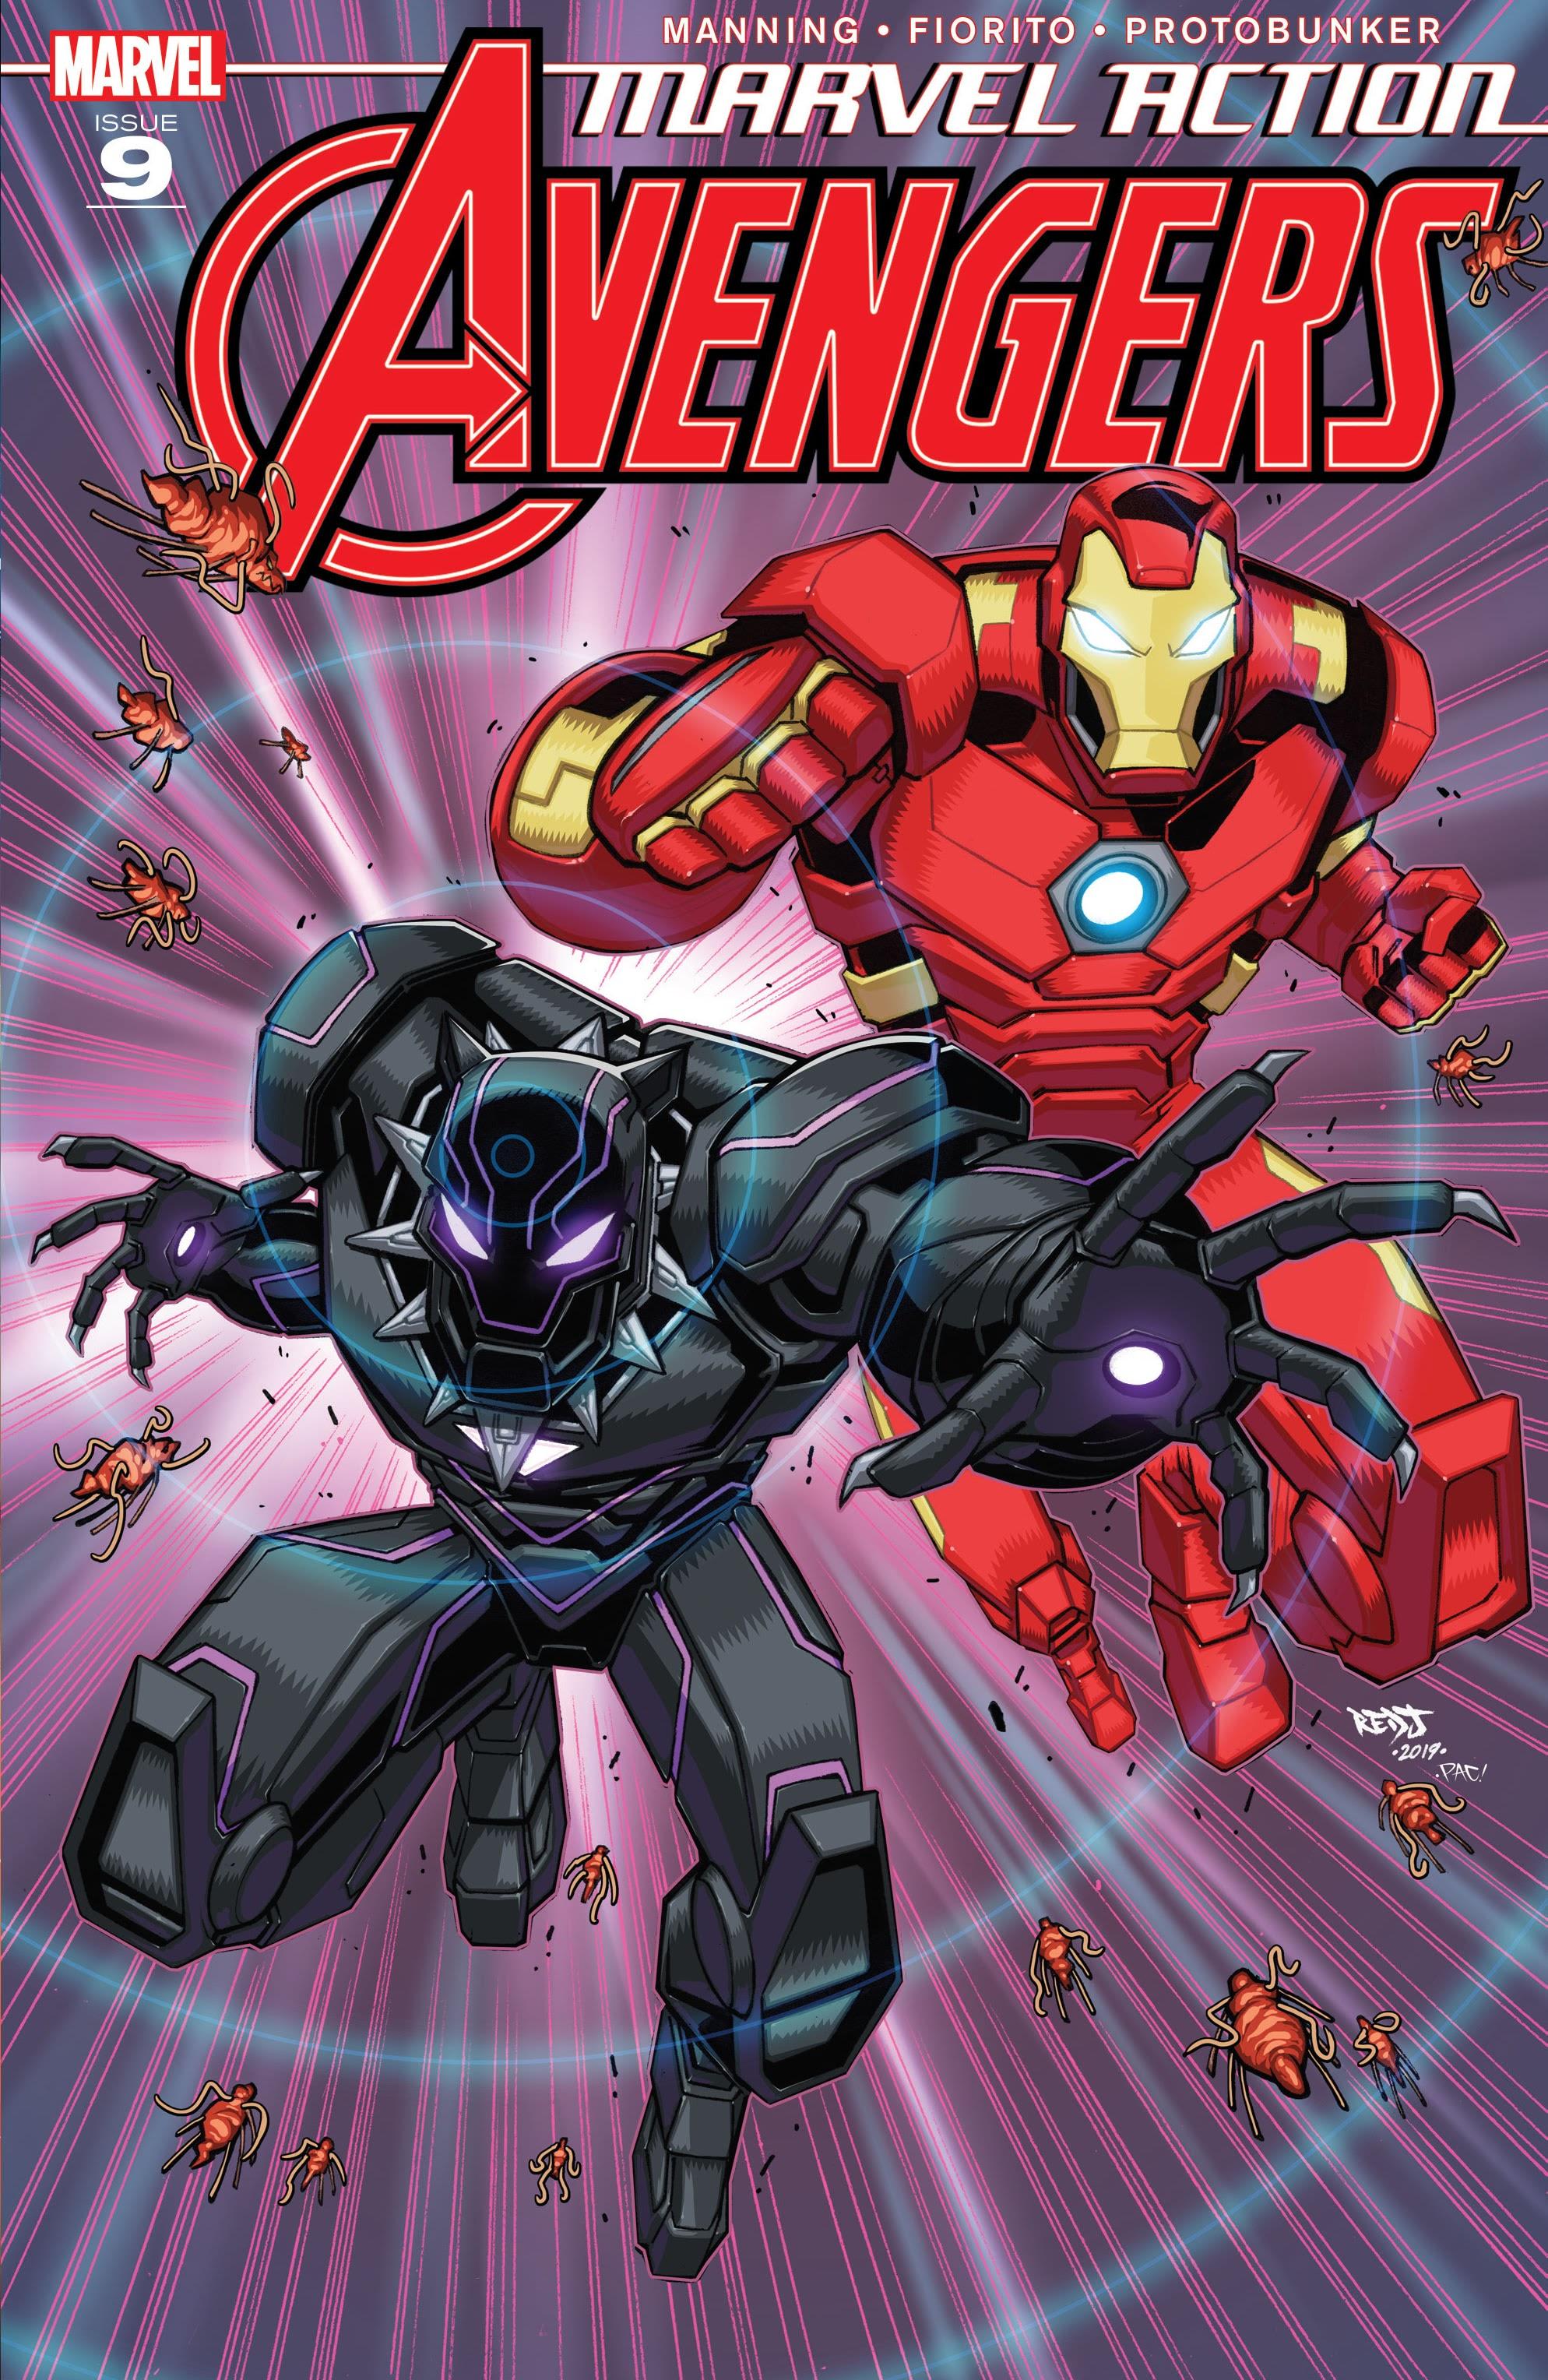 Marvel Action: Avengers Vol 1 9